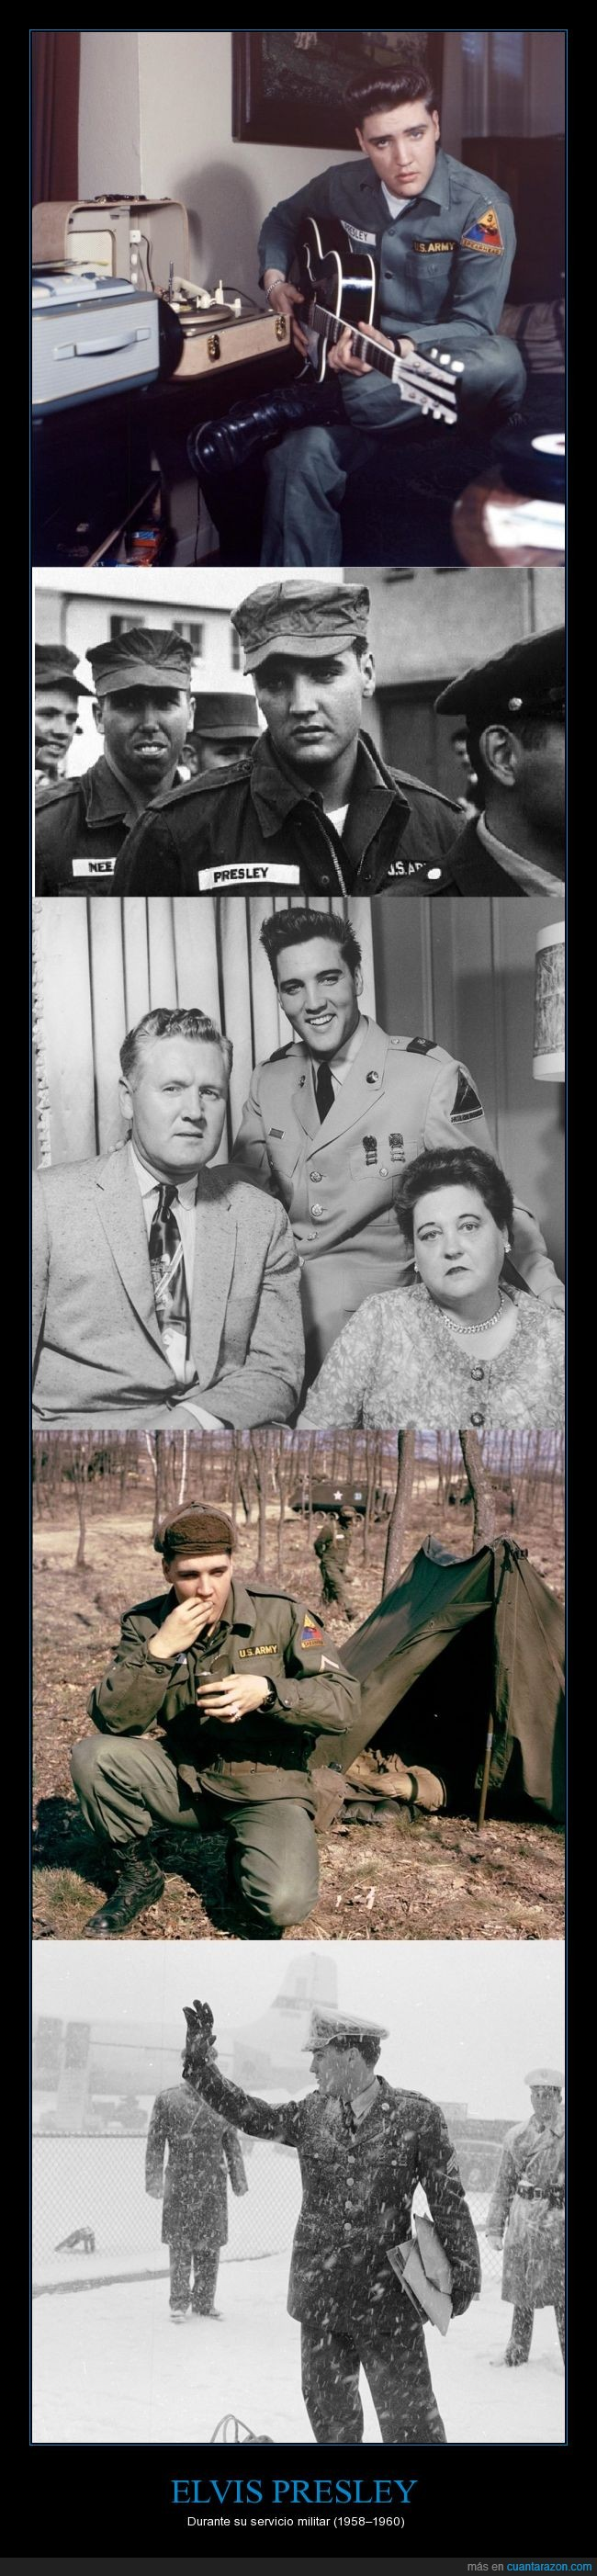 carpa,Elvis Presley,Sargento Presley,Servicio Militar,Soldado,sus padres